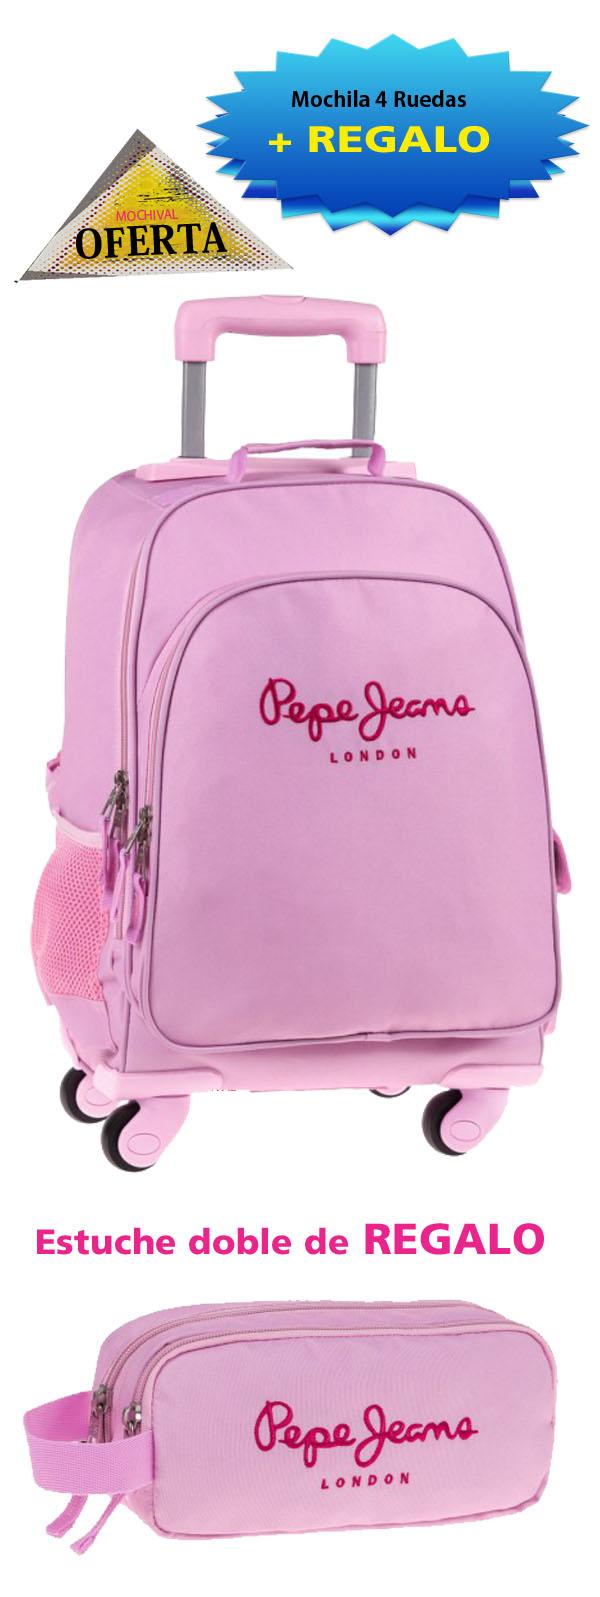 161f59fa4 Mochila 4 Ruedas Pepe jeans Pink 6472851r - Mochilas y maletas MOCHIVAL